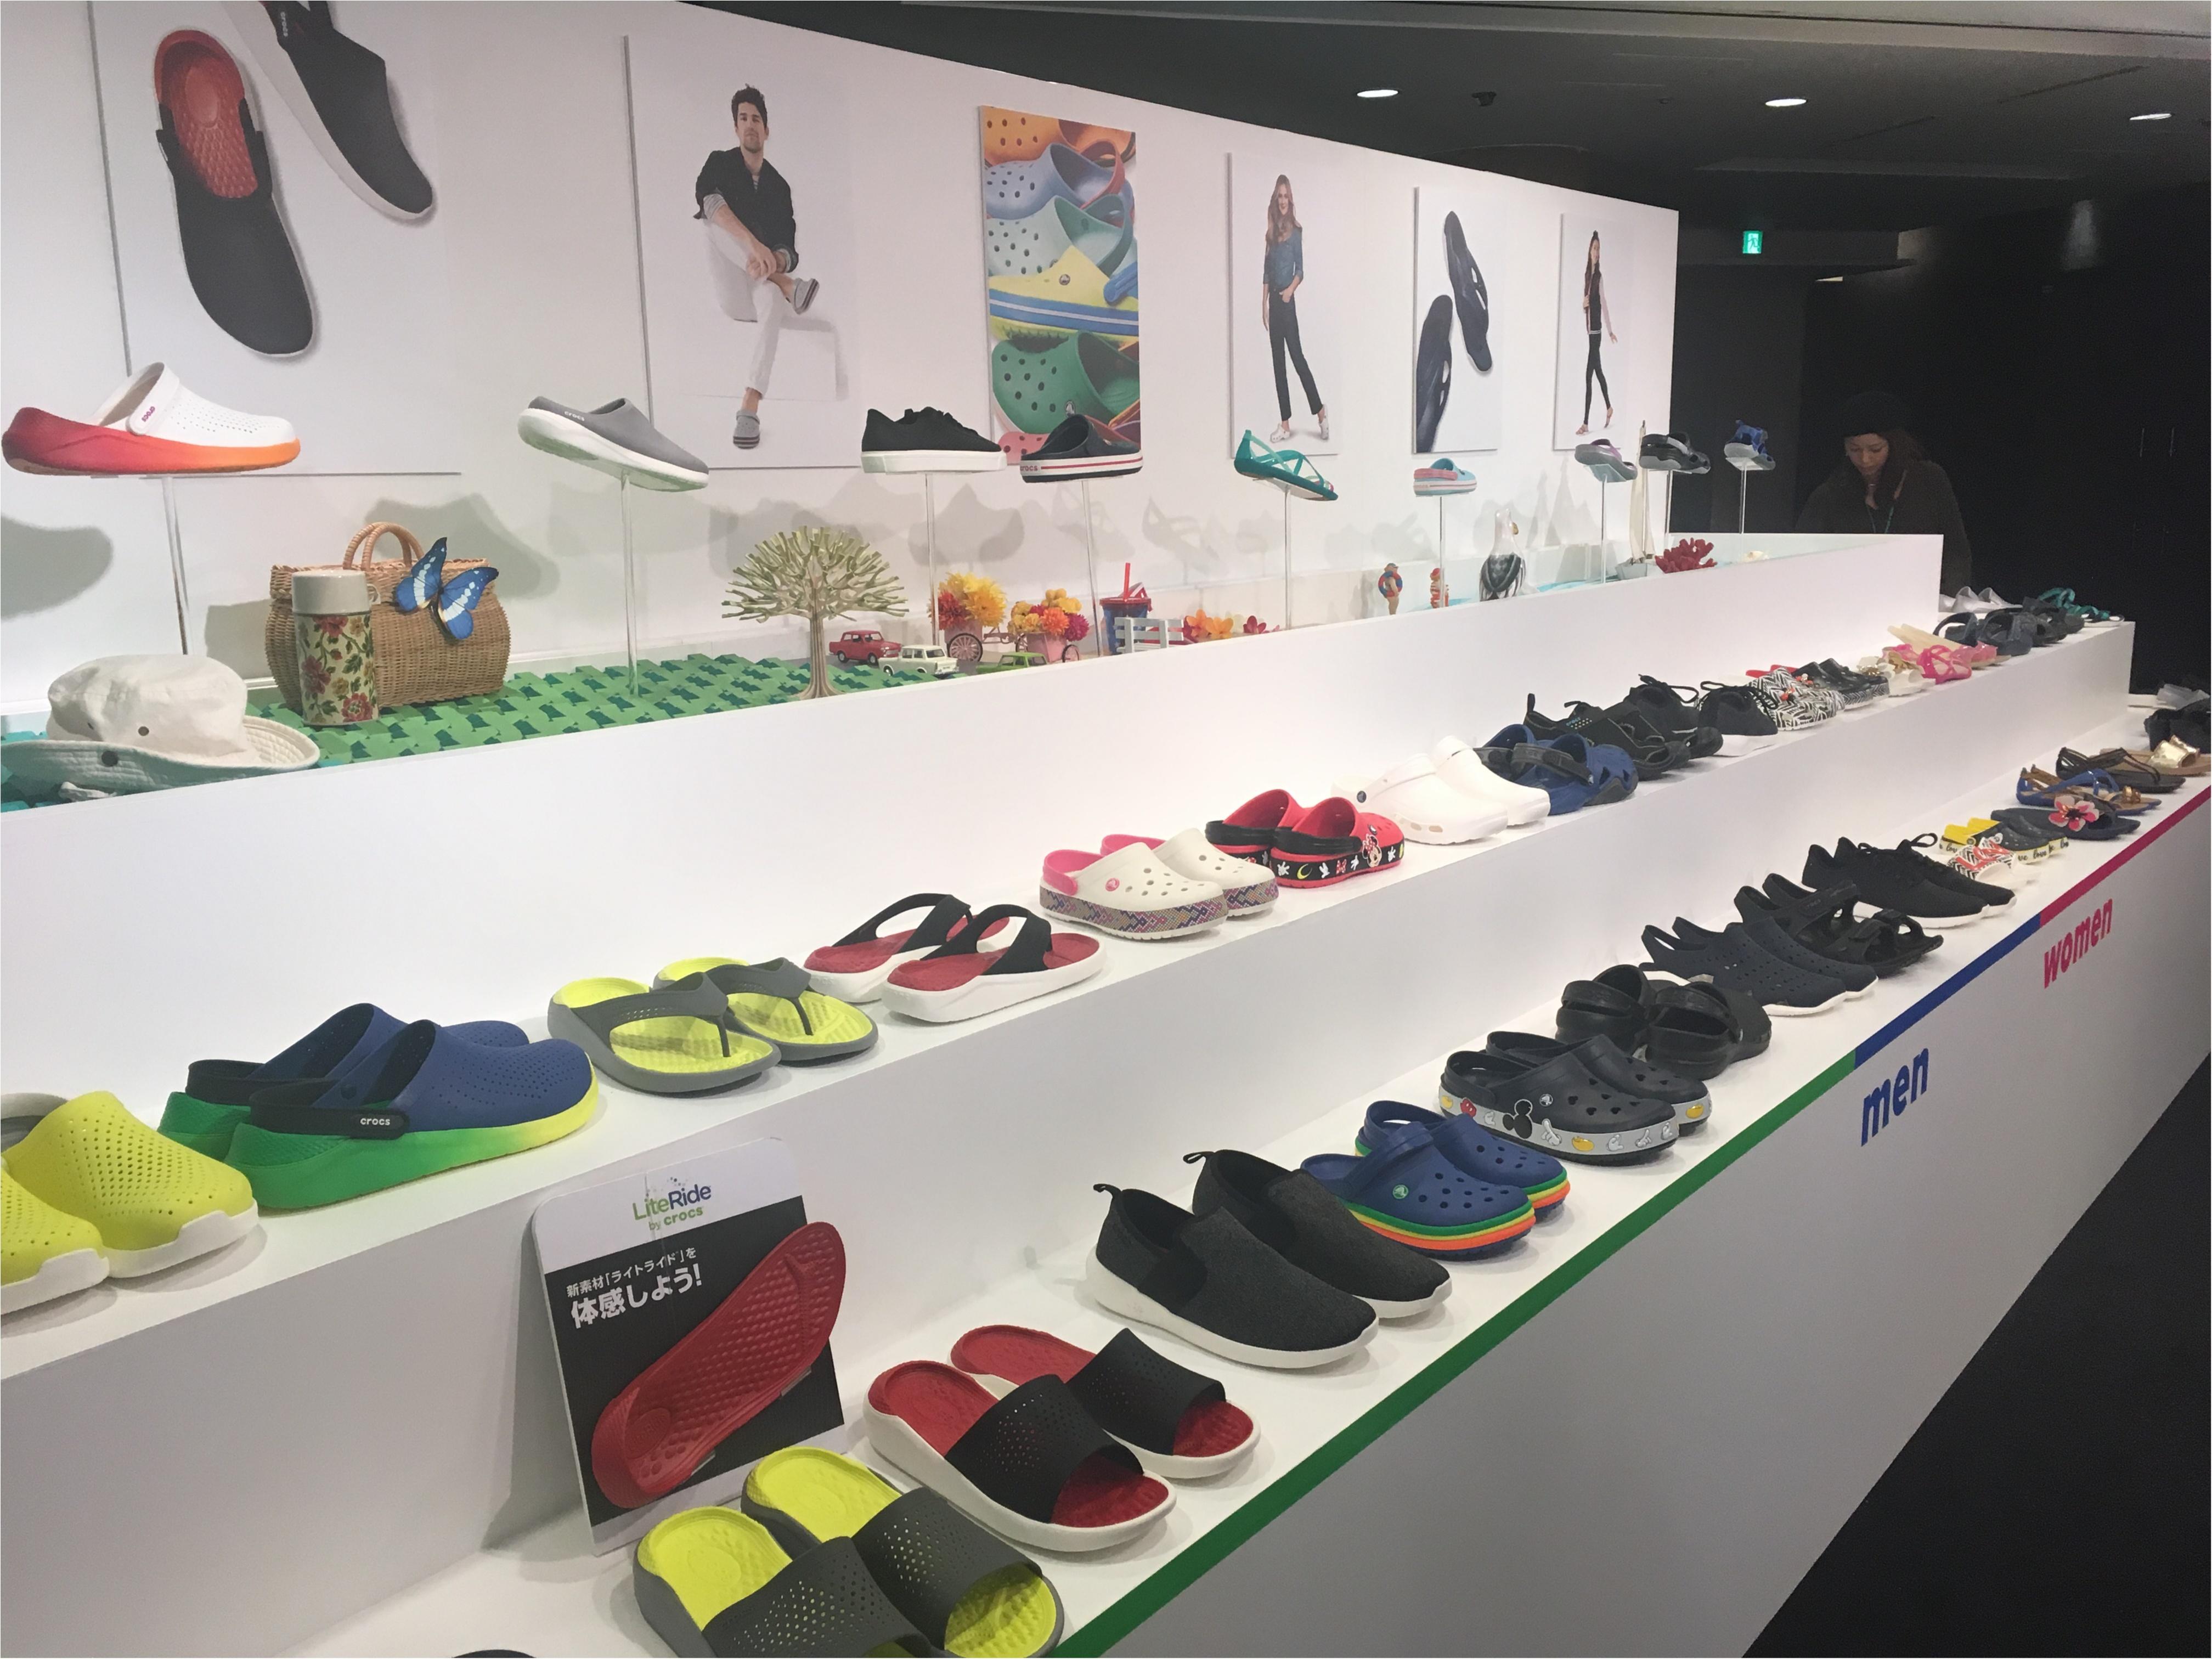 【レポ】crocs(クロックス)2018ss展示会✰サンダルだけじゃない!クロックスのスニーカーがカワイイ♡_3